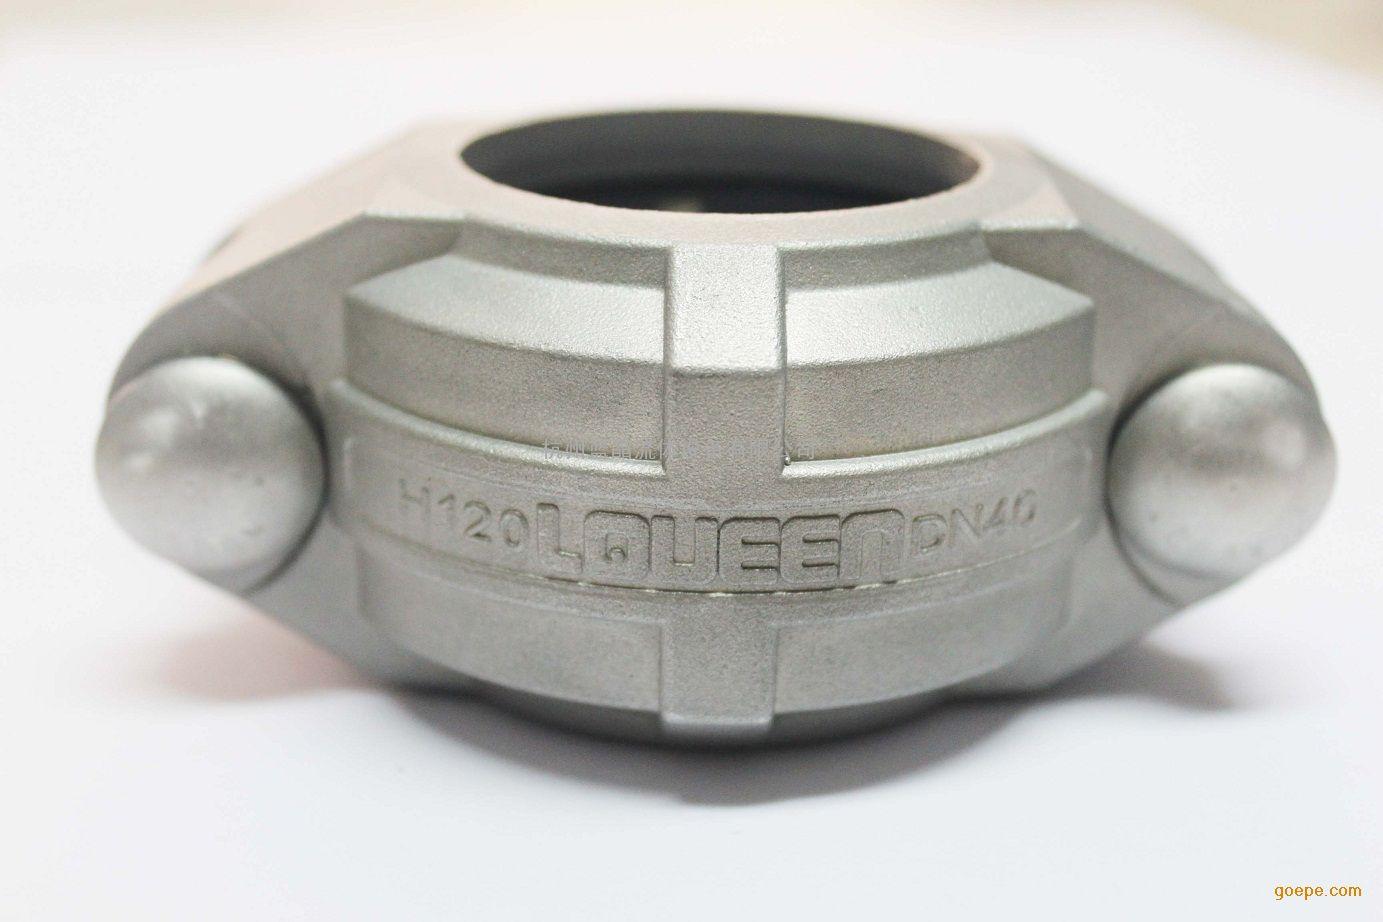 DN40不锈钢高压卡箍,1.5寸316不锈钢高压卡箍